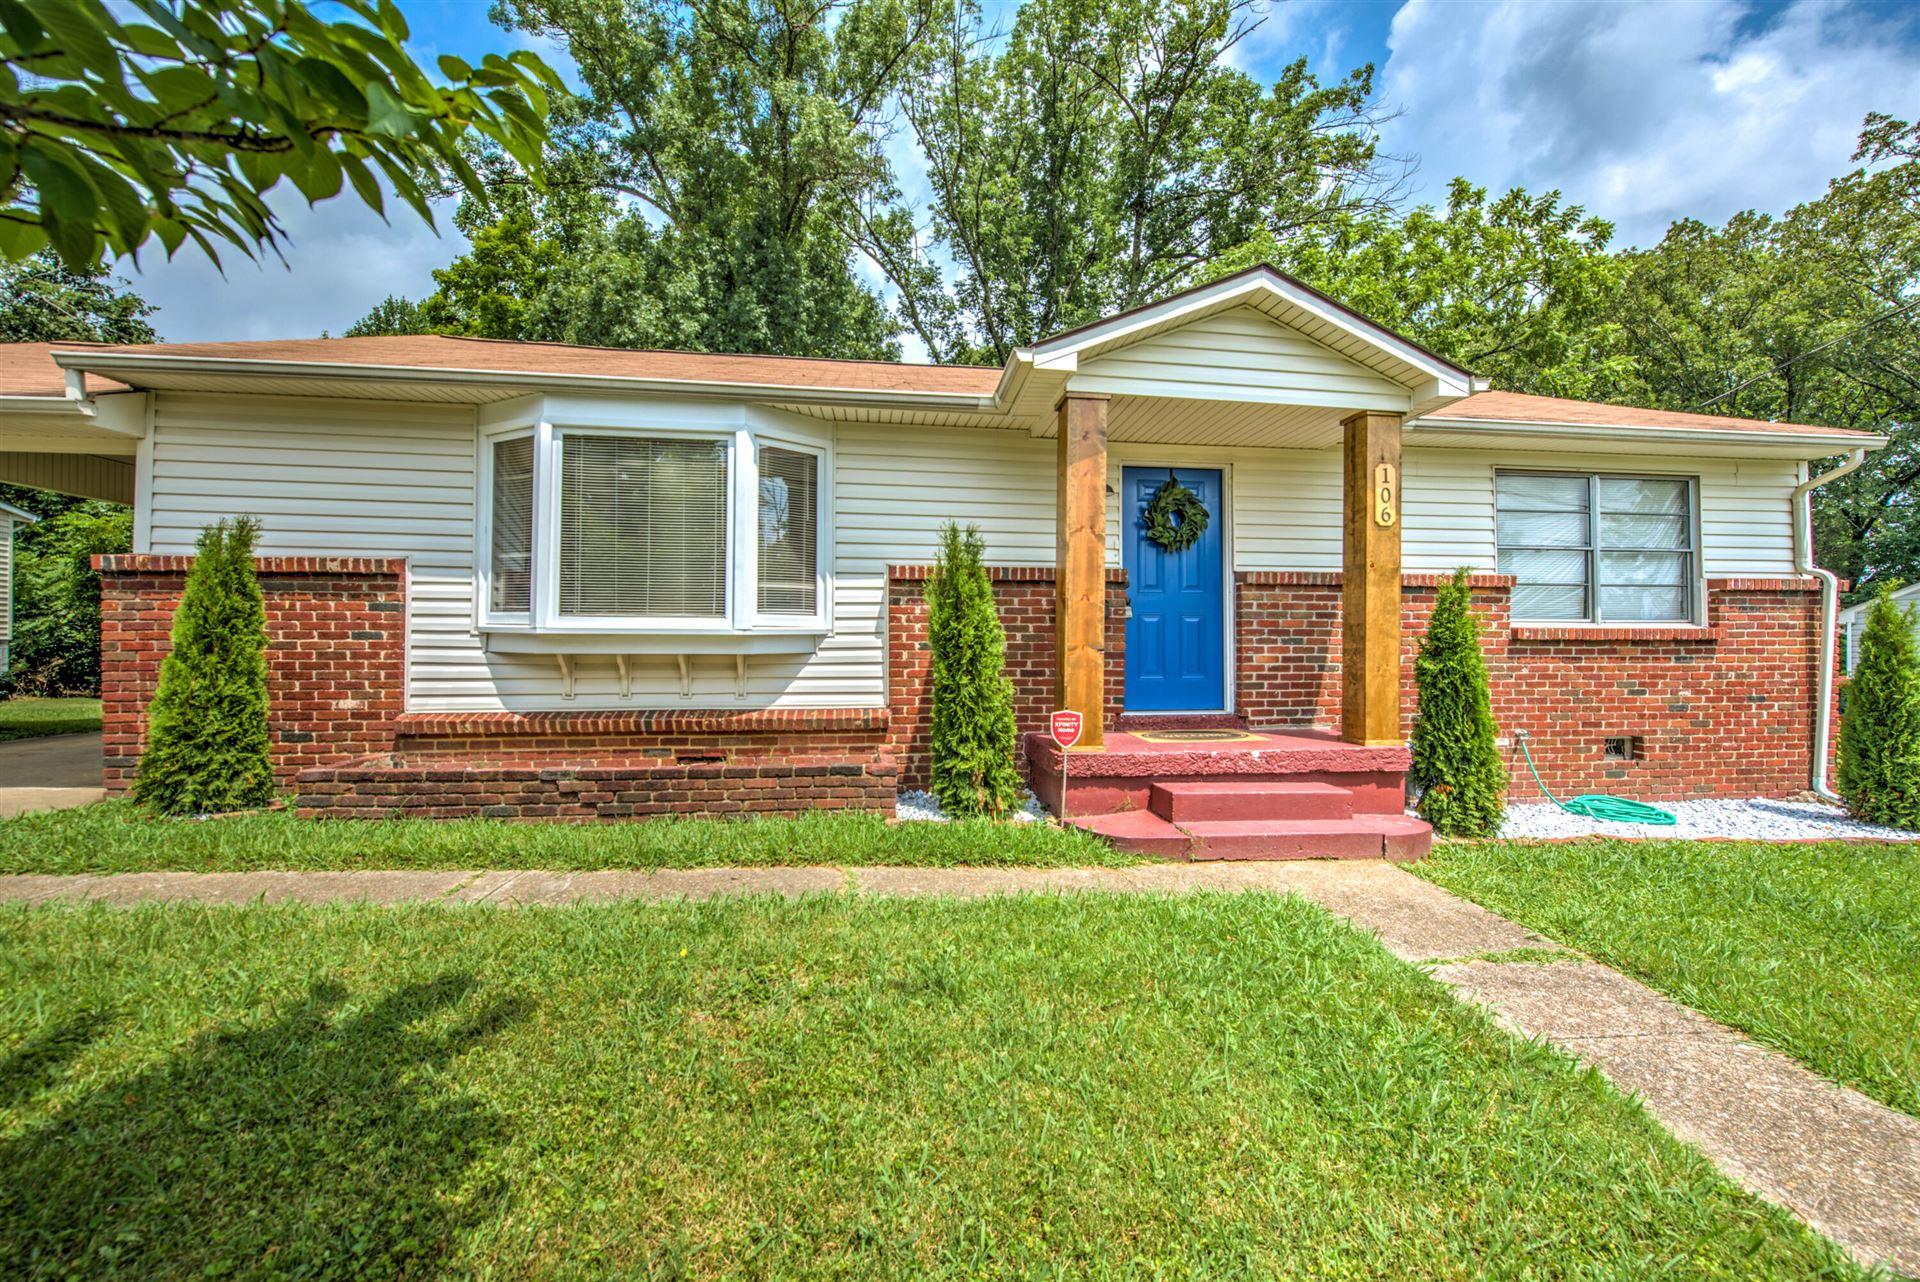 Photo of 106 W Arrowwood Rd, Oak Ridge, TN 37830 (MLS # 1160690)